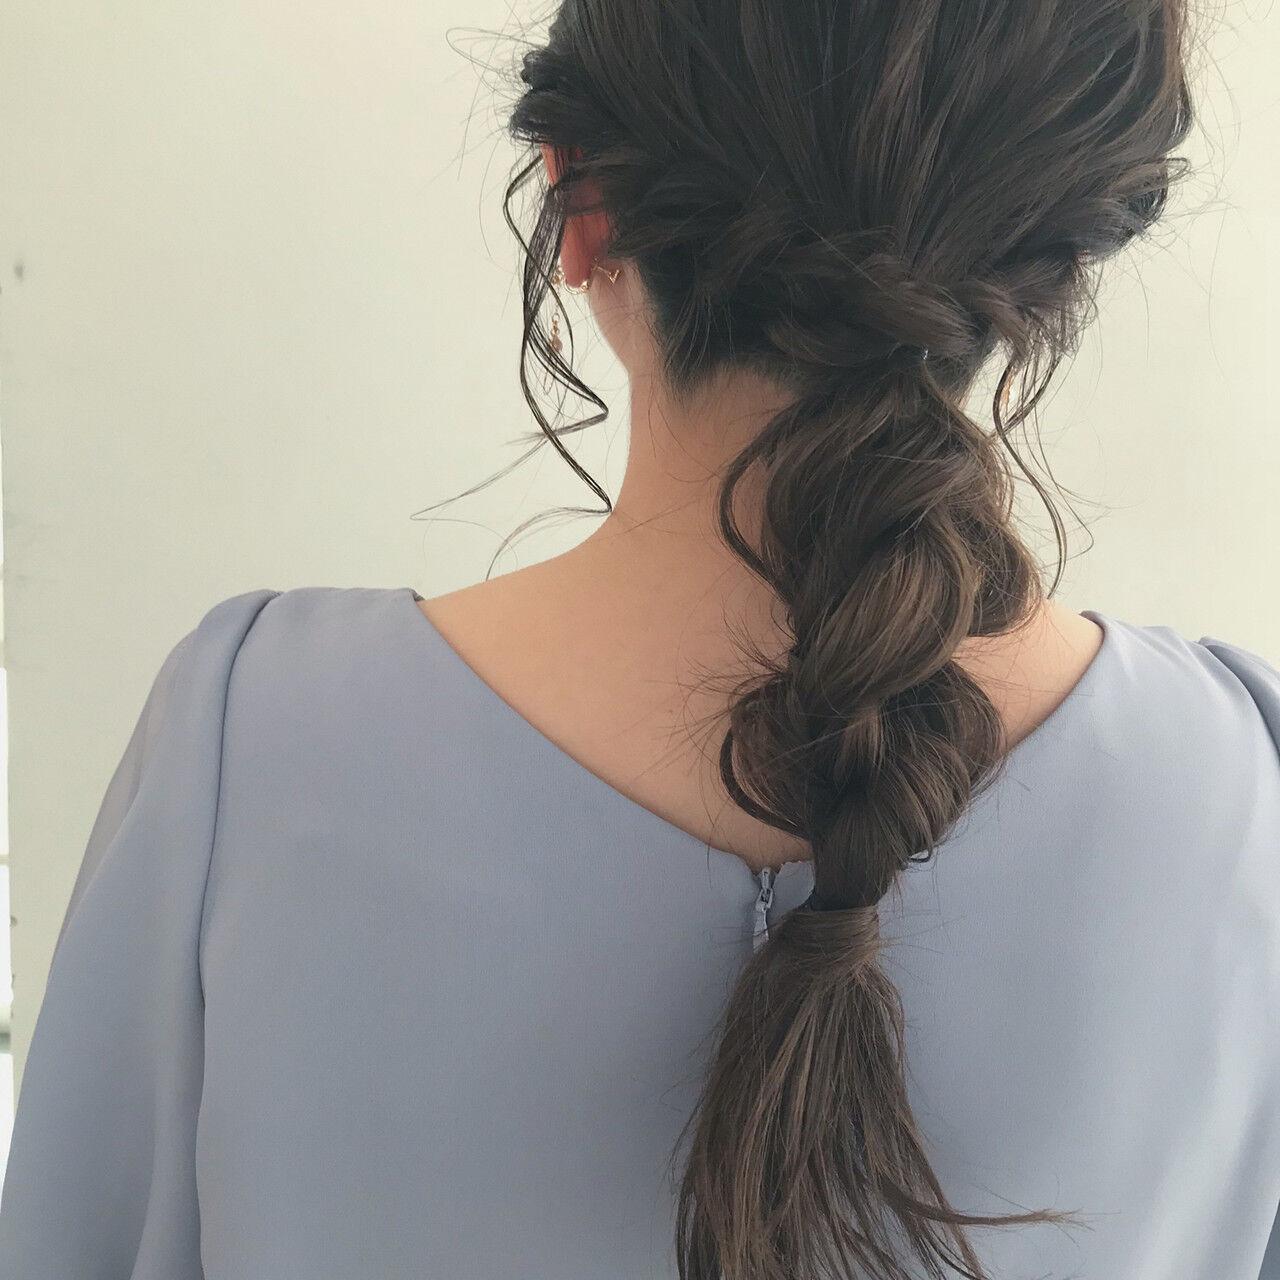 ナチュラル ヘアアレンジ 編みおろしヘア 編みおろしヘアスタイルや髪型の写真・画像